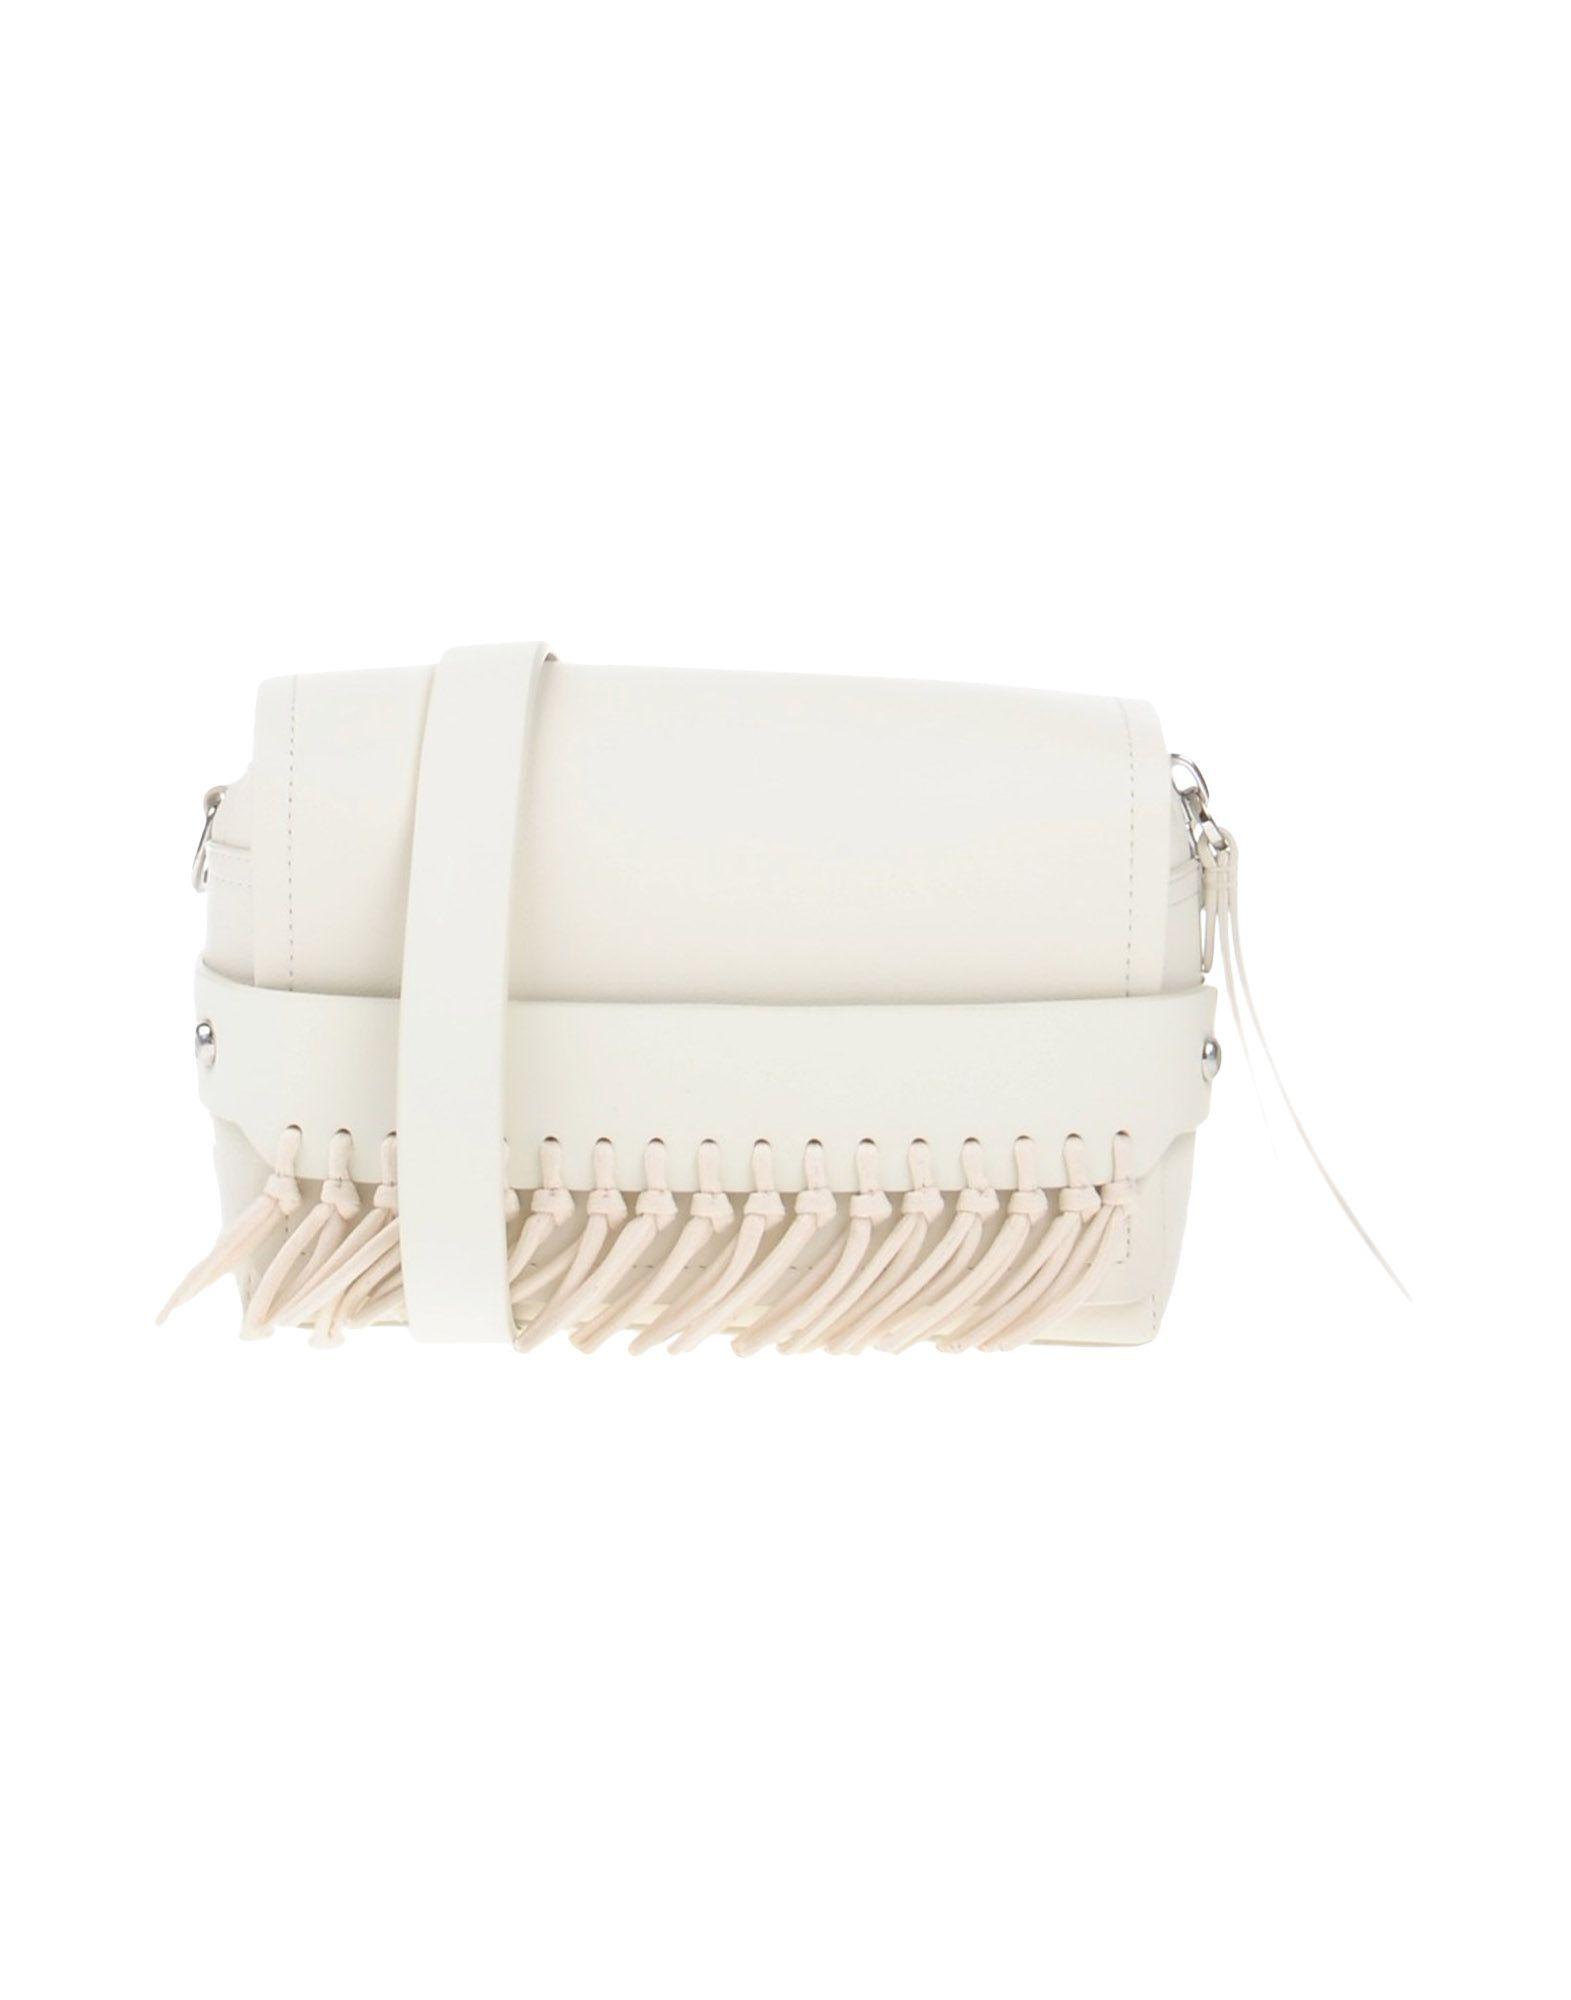 3.1 PHILLIP LIM Damen Handtaschen Farbe Weiß Größe 1